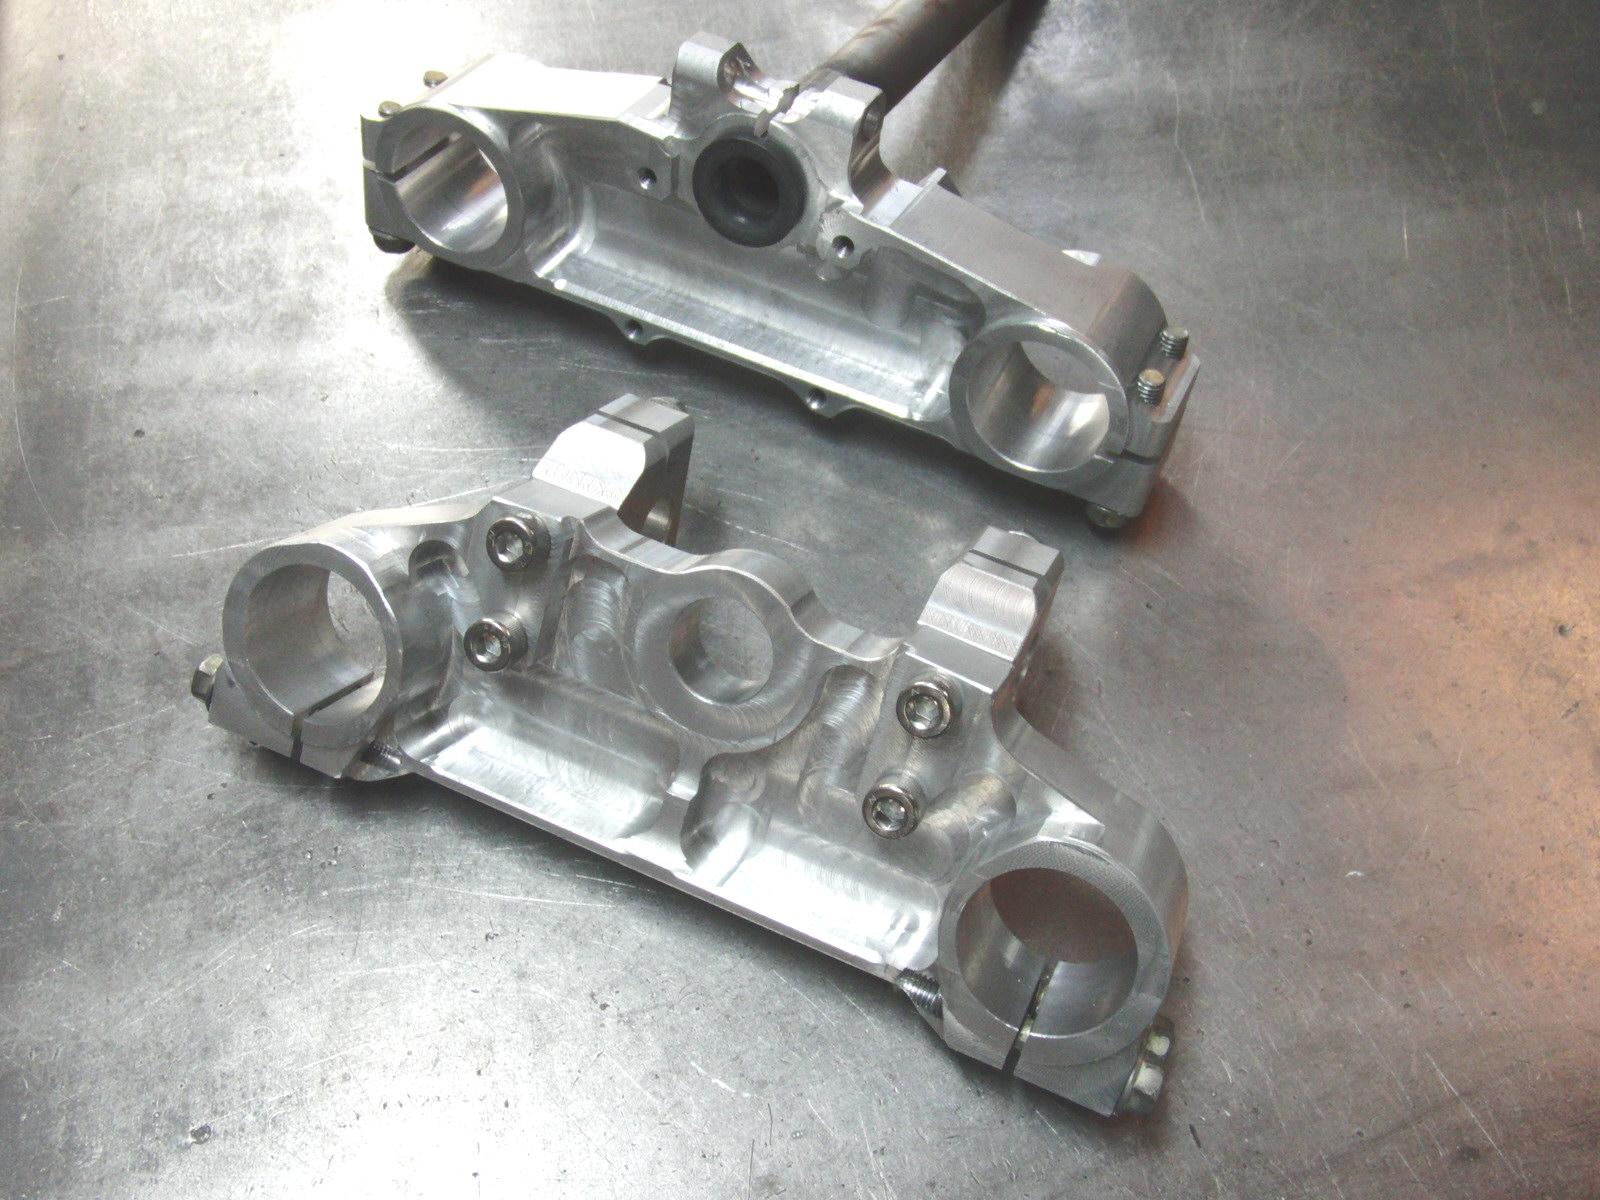 http://www.precious-factory.com/preciousfactory2010/CIMG0197.JPG